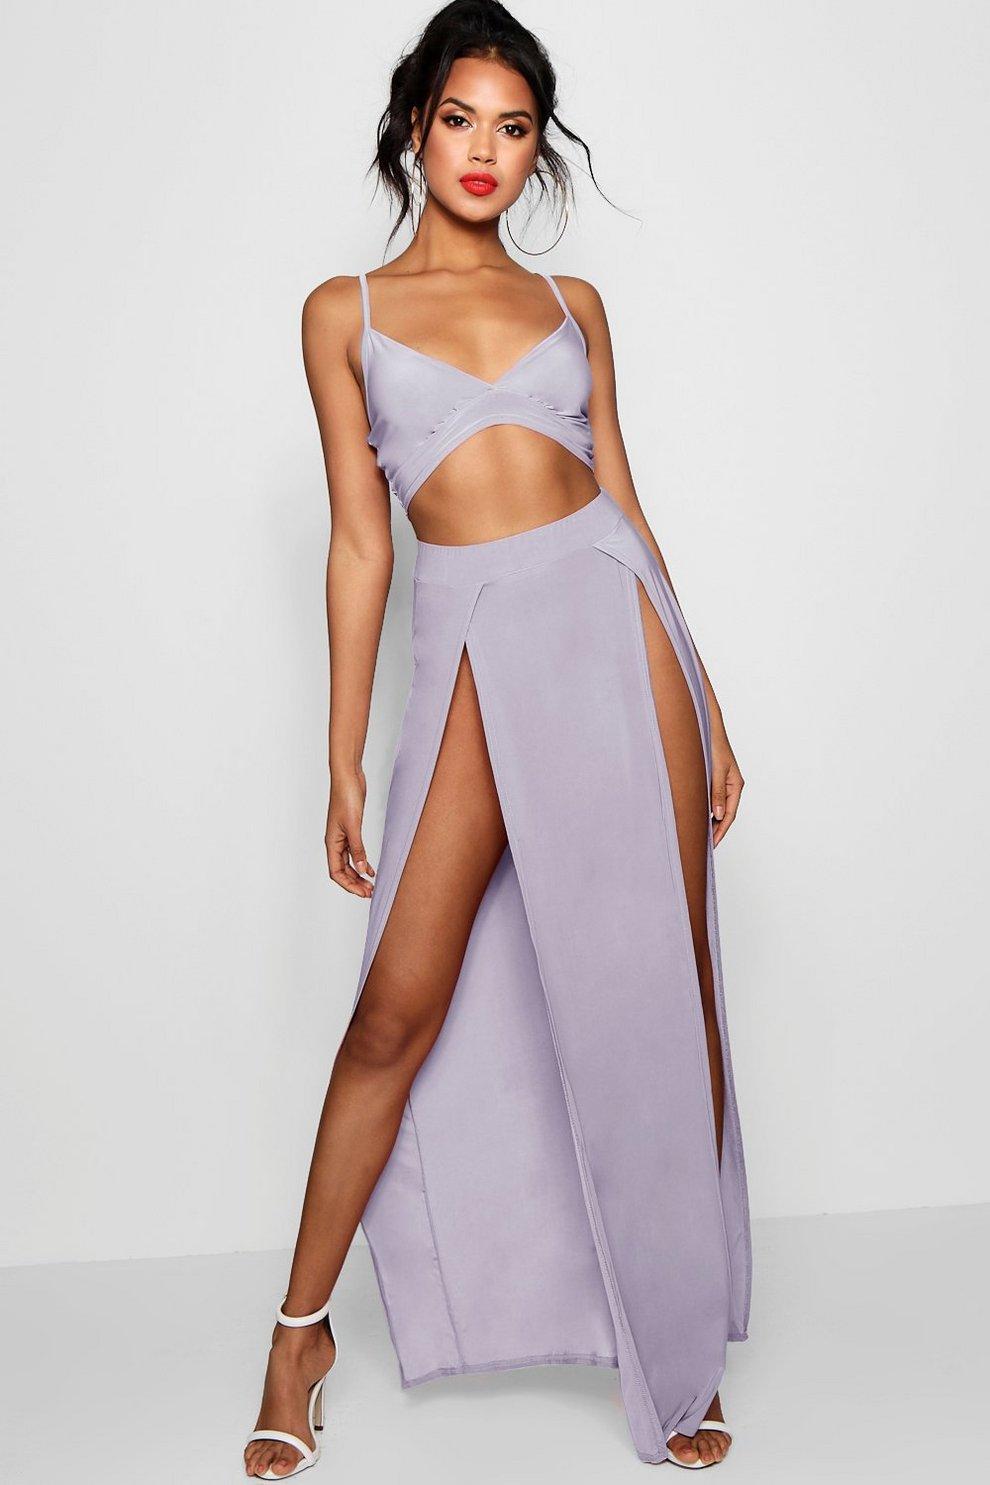 90361de0b44c7 Slinky Bralet And Split Maxi Skirt Co-Ord